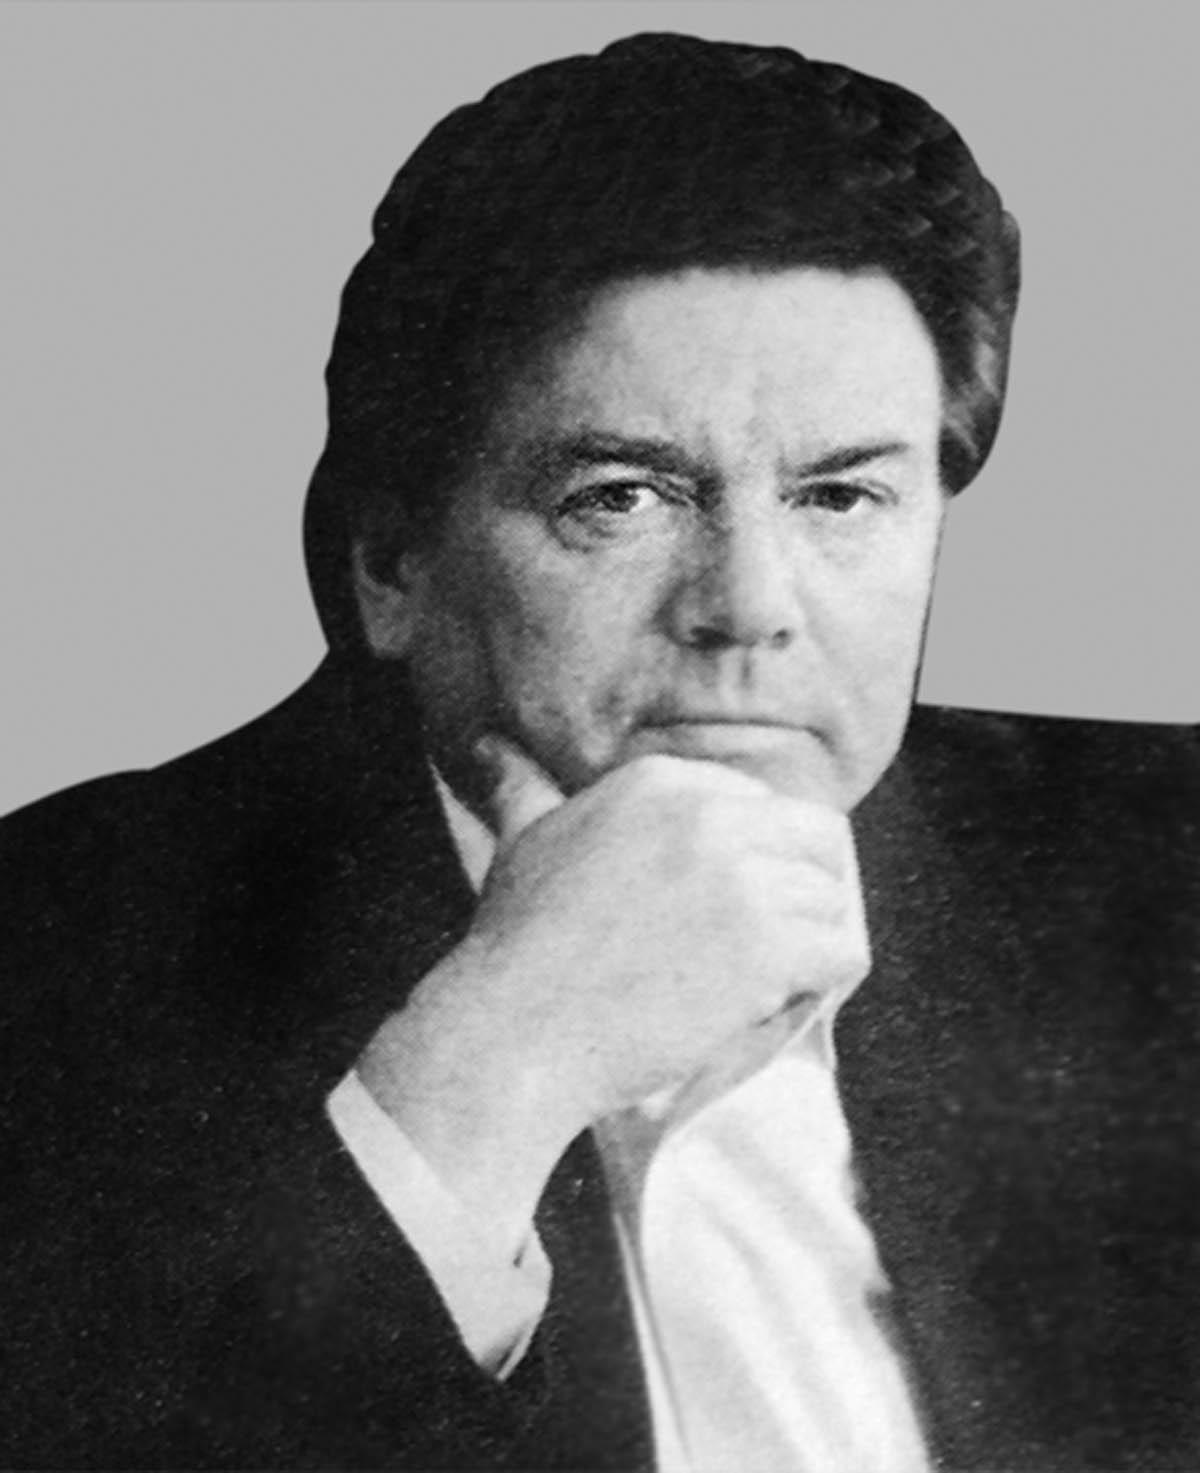 Данченко Сергій Володимирович